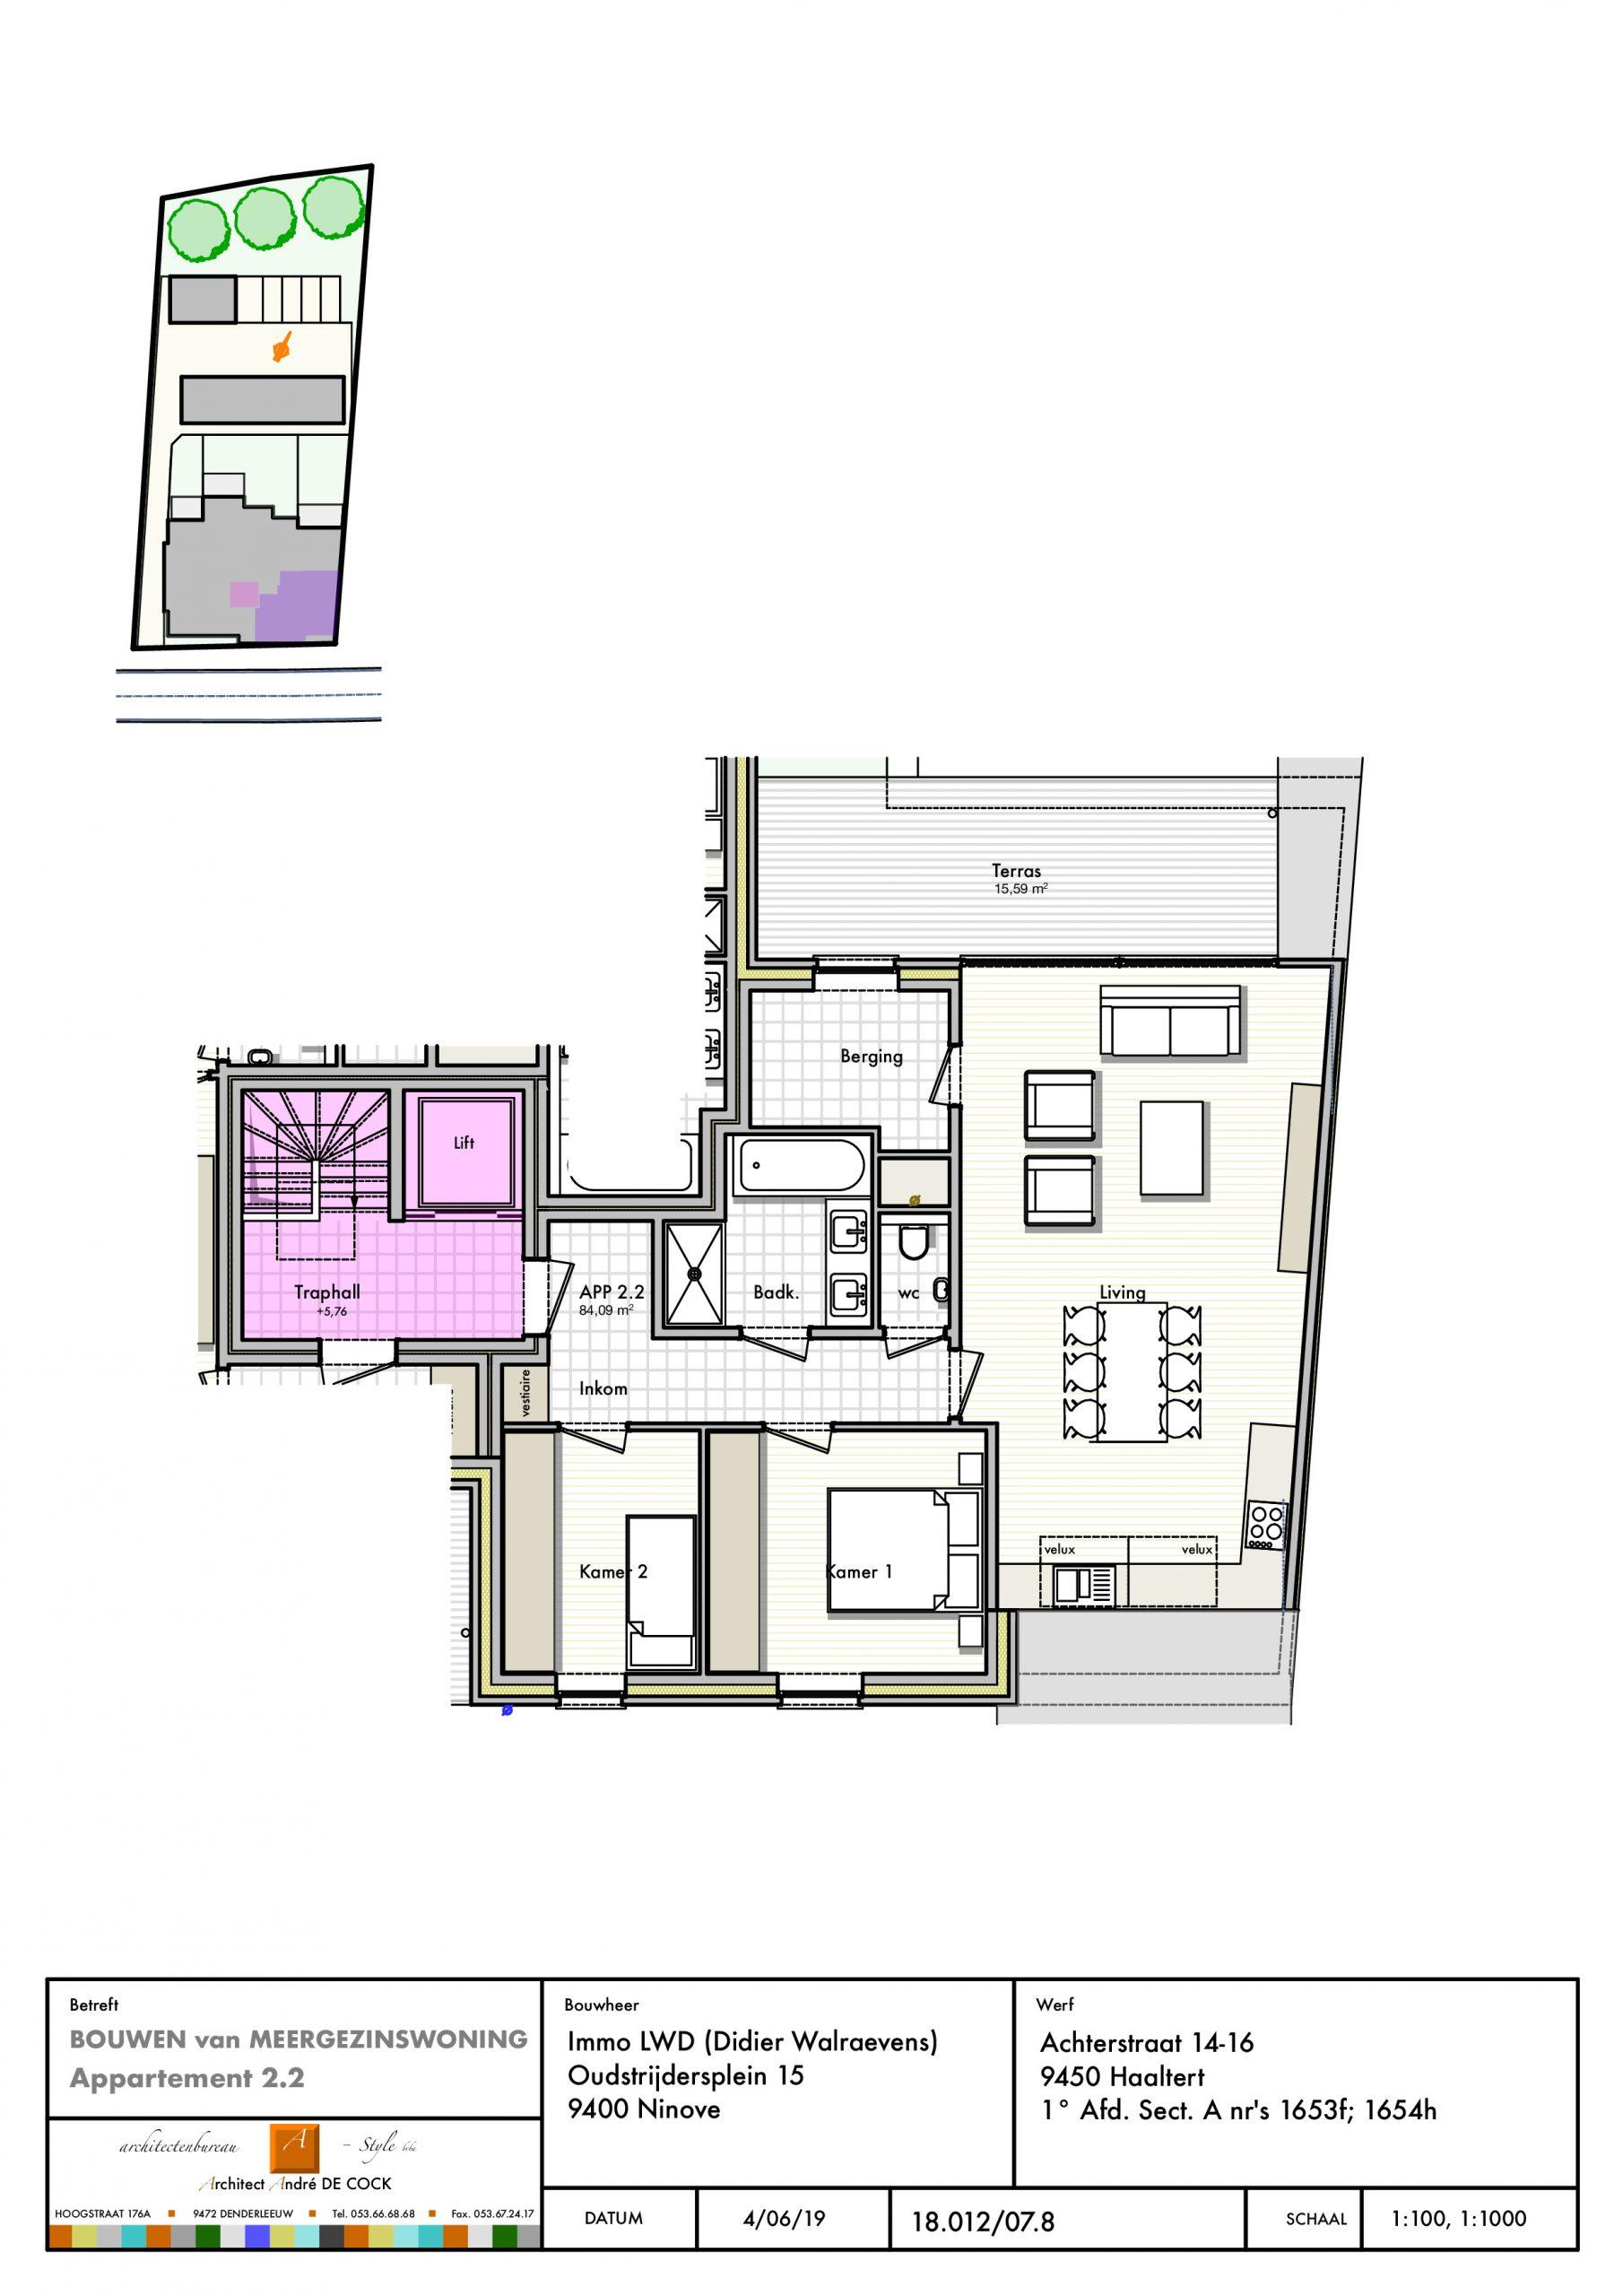 verdieping 2